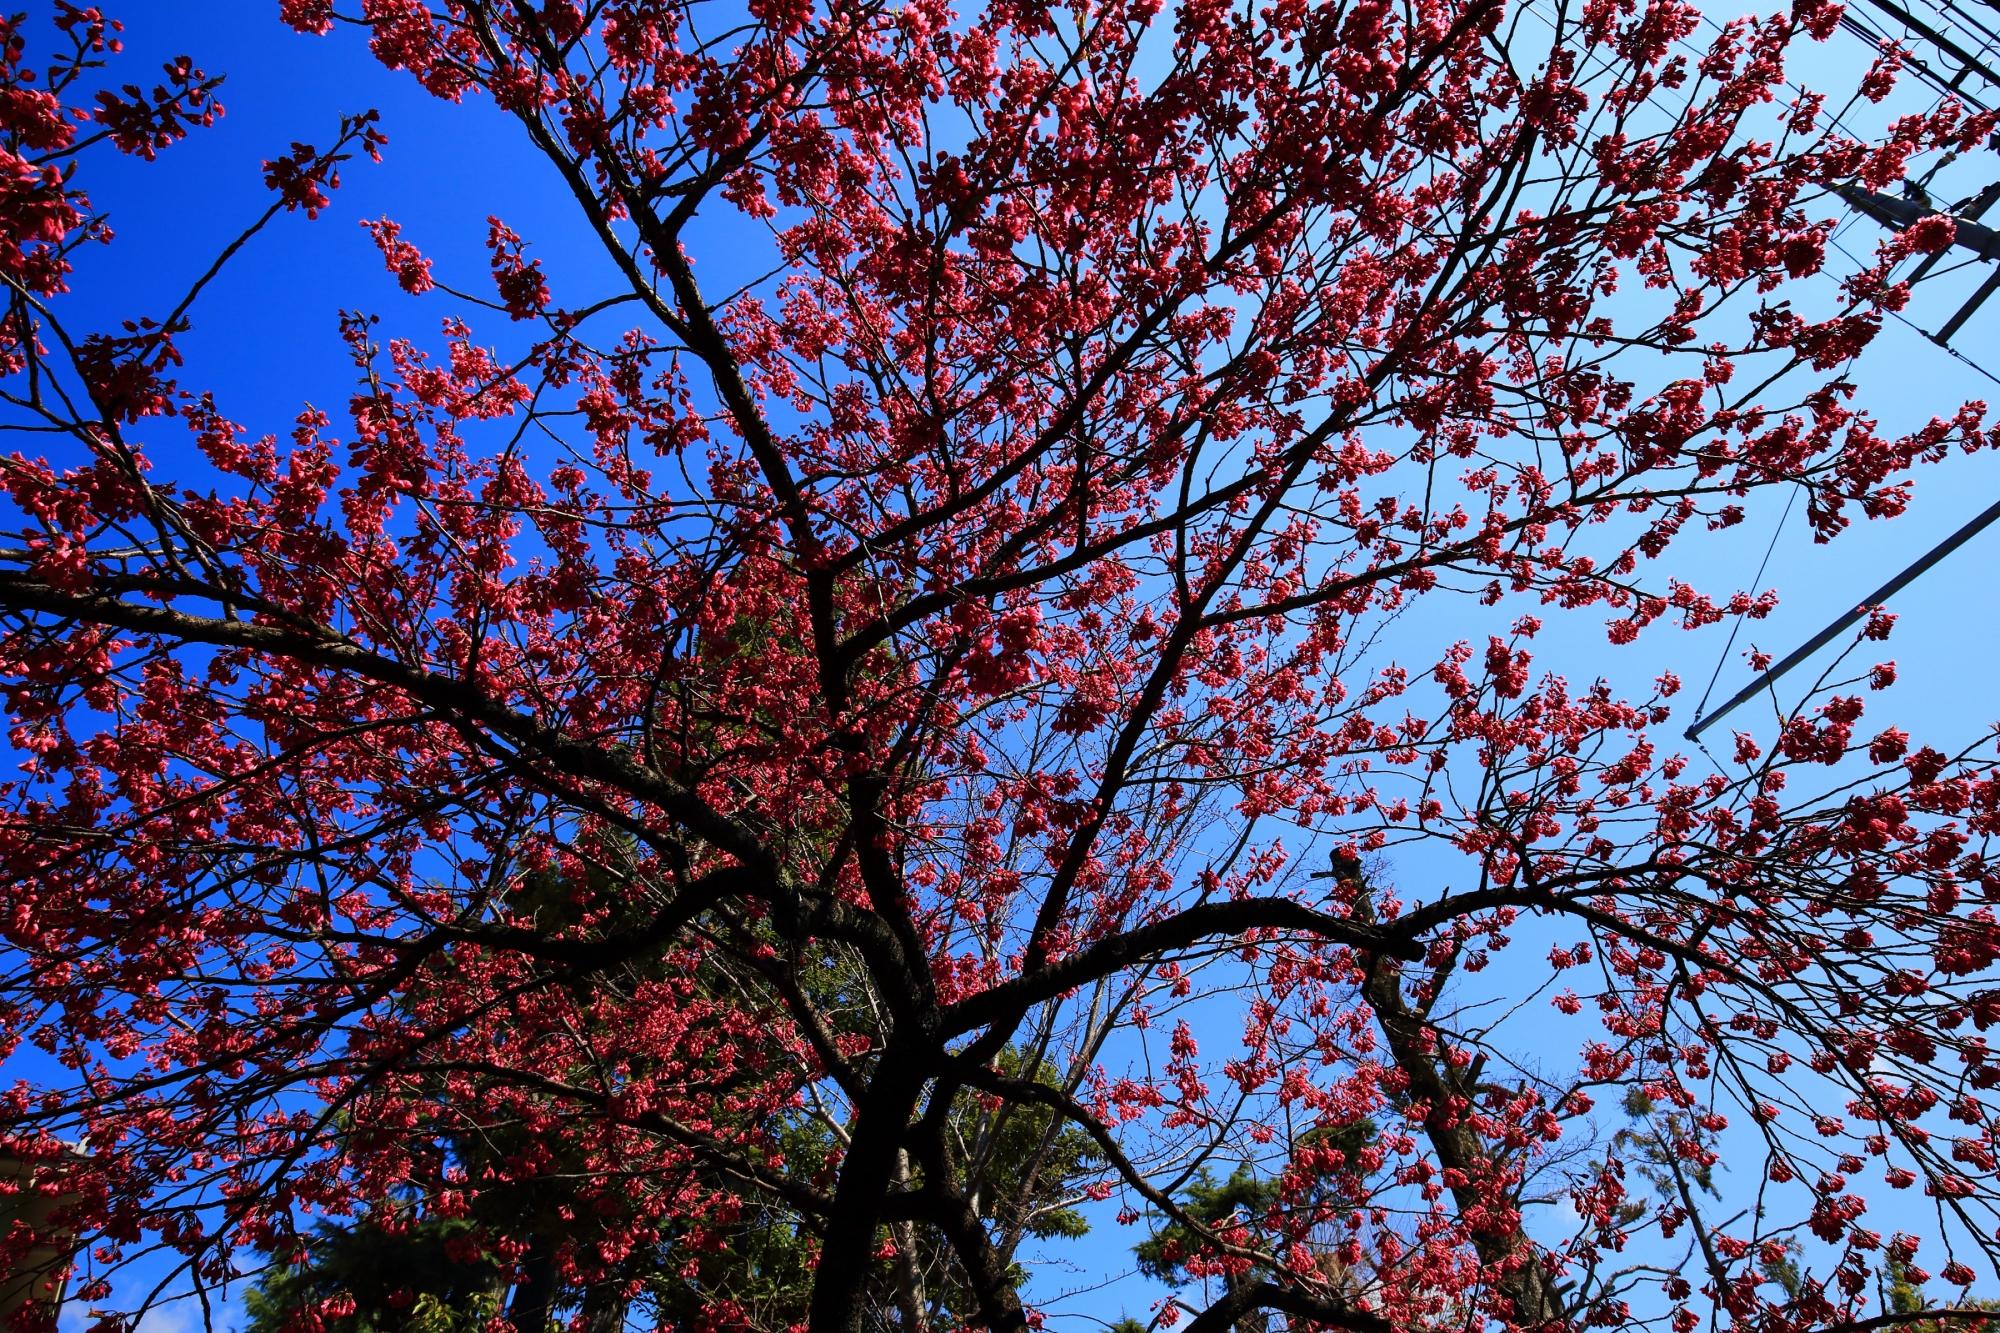 車折神社の透きとおるような青空に映える鮮やかな桜